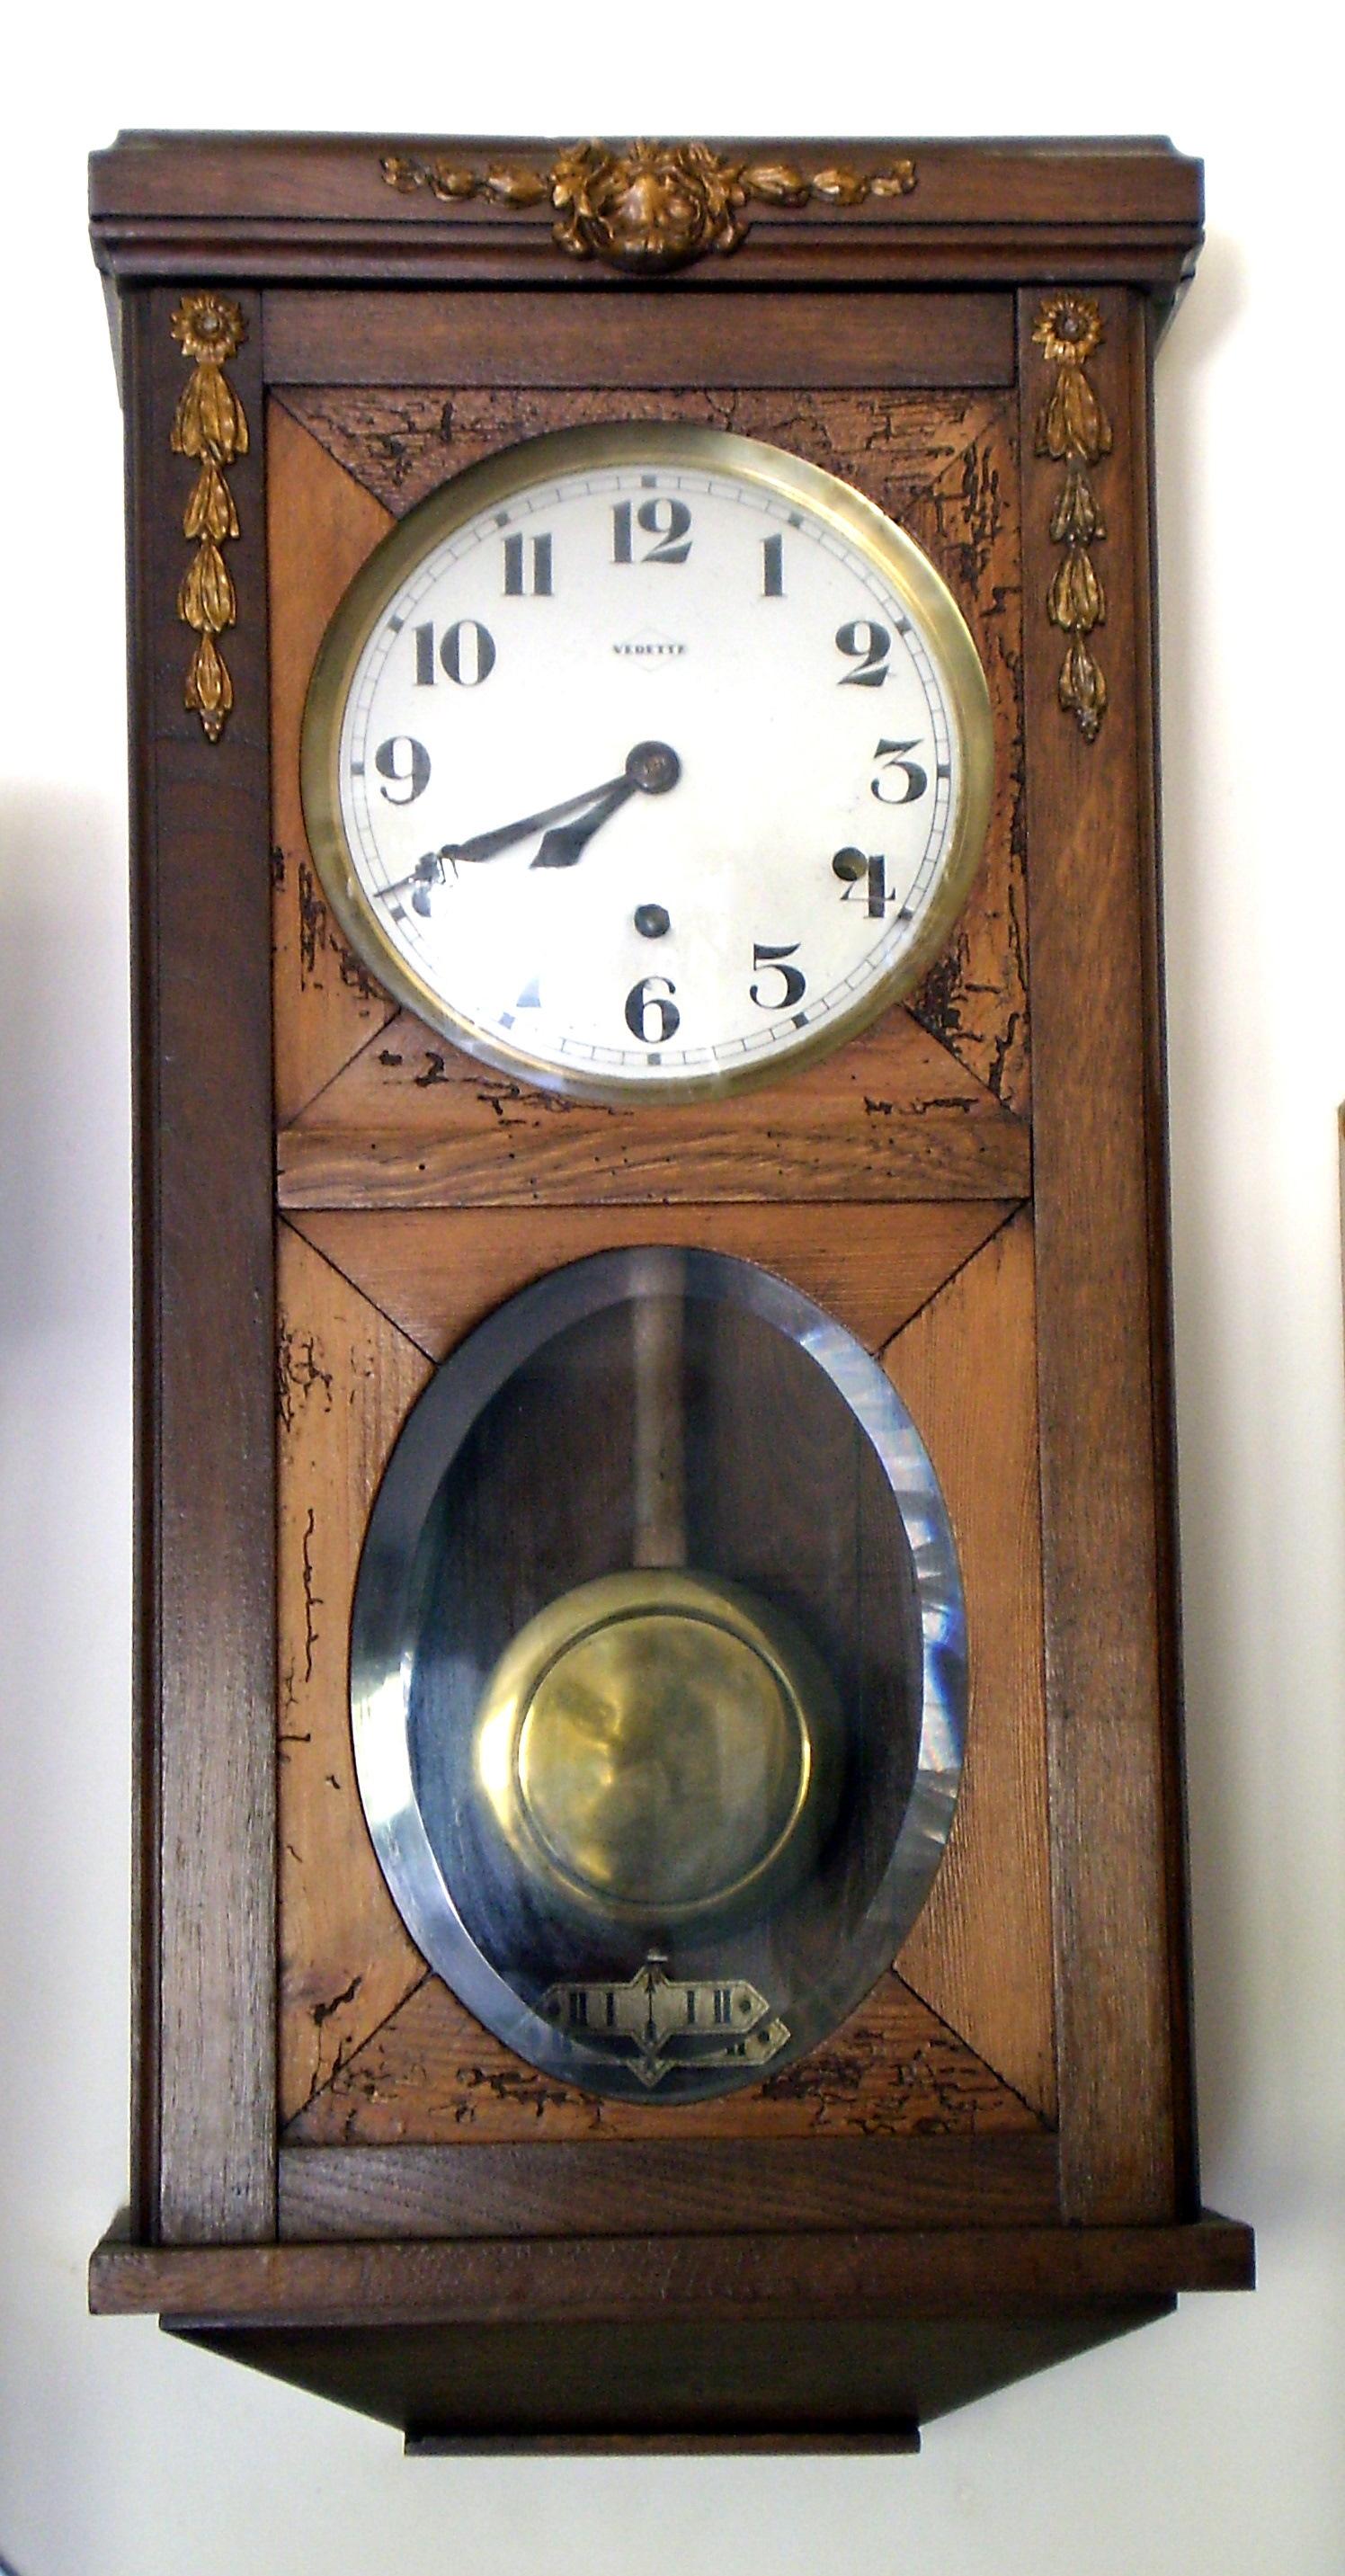 horloges m caniques anciennes avec carillon vedette toulbroc. Black Bedroom Furniture Sets. Home Design Ideas